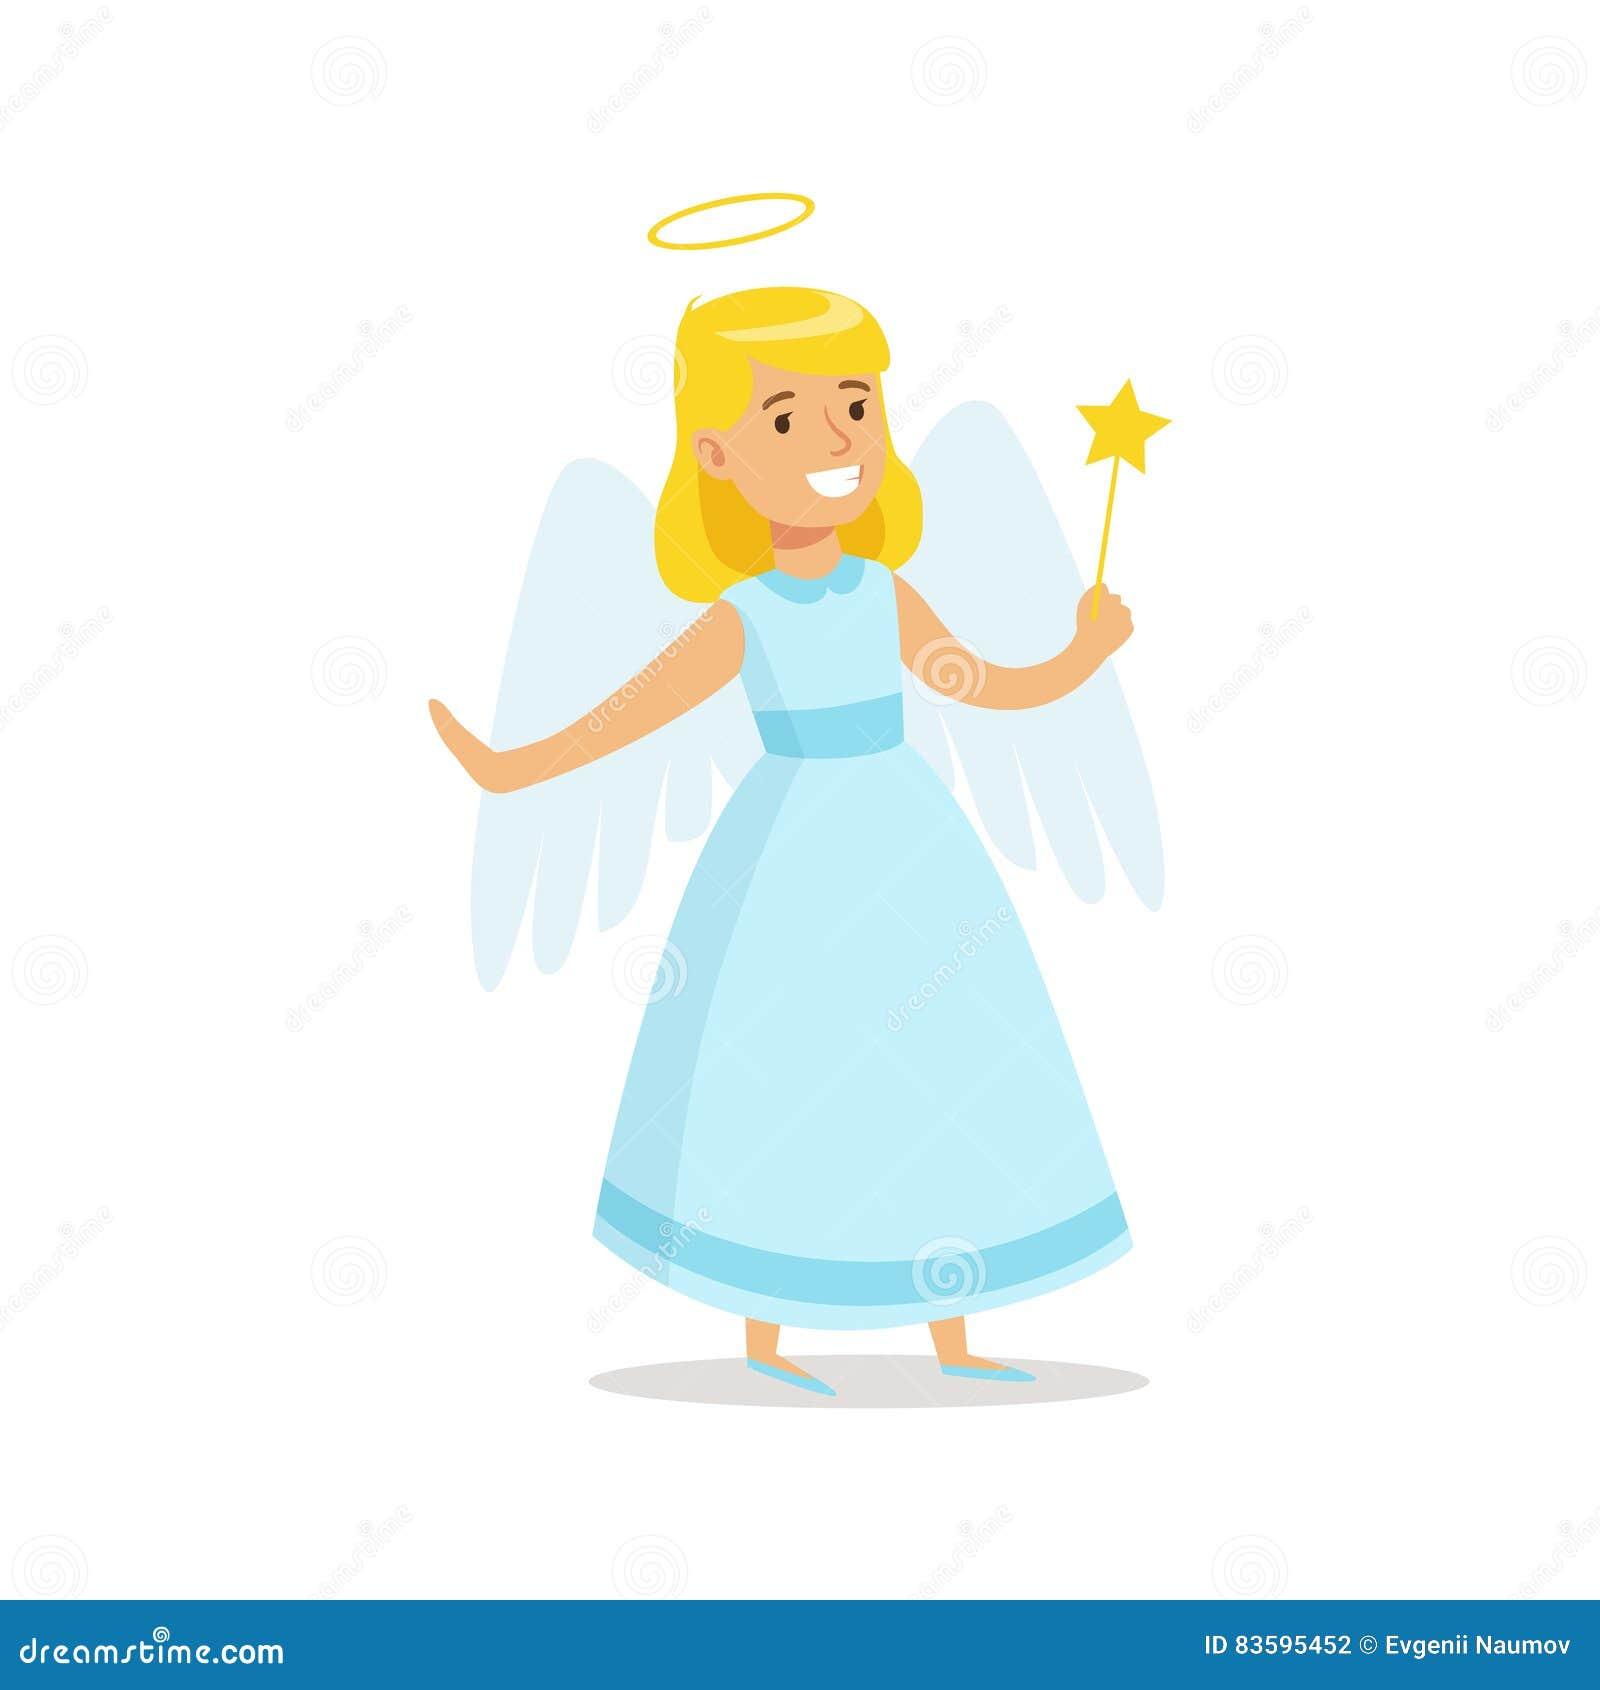 Mädchen Im Angel Outfit Dressed As Winter-Feiertags-Symbol Für Die ...